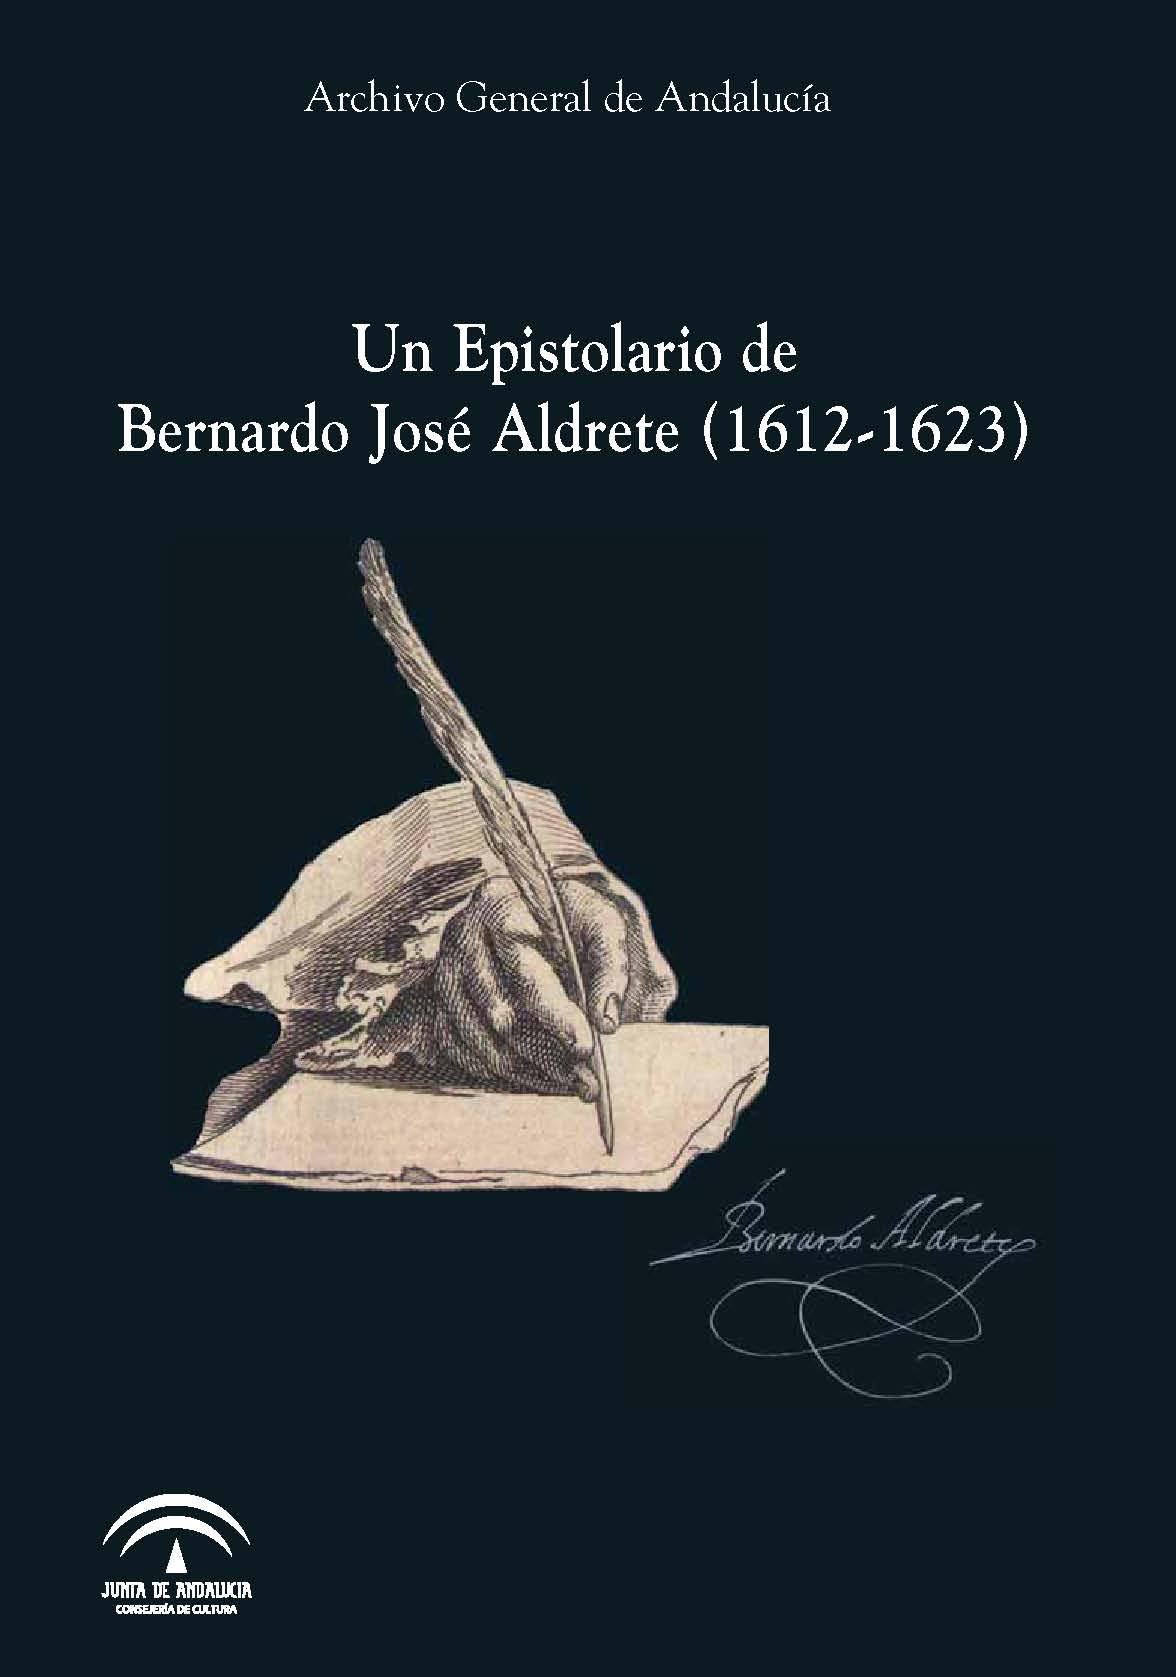 Un Epistolario de Bernardo José Aldrete (1612-1623)